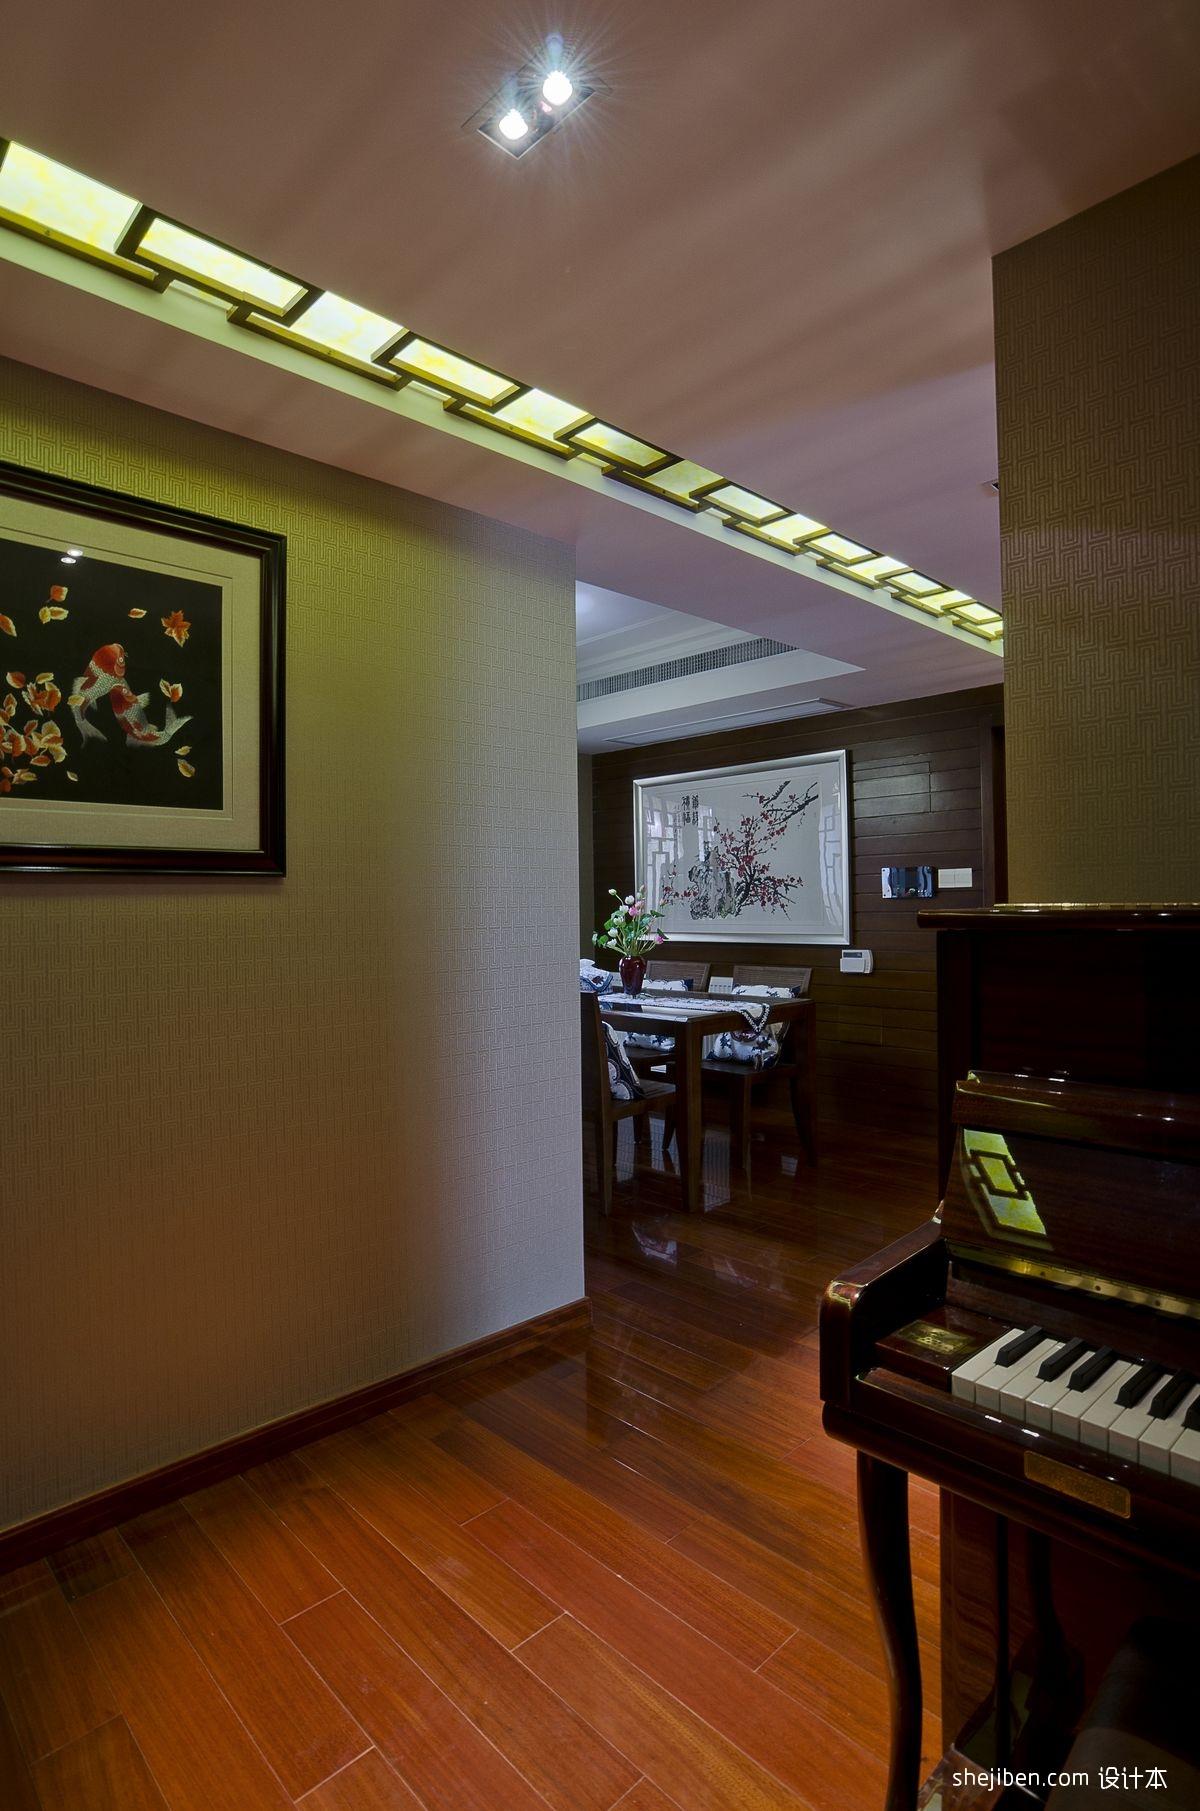 简欧风格卧室_中式风格复式家装餐厅与钢琴房过道吊顶装修效果图 – 设计本 ...